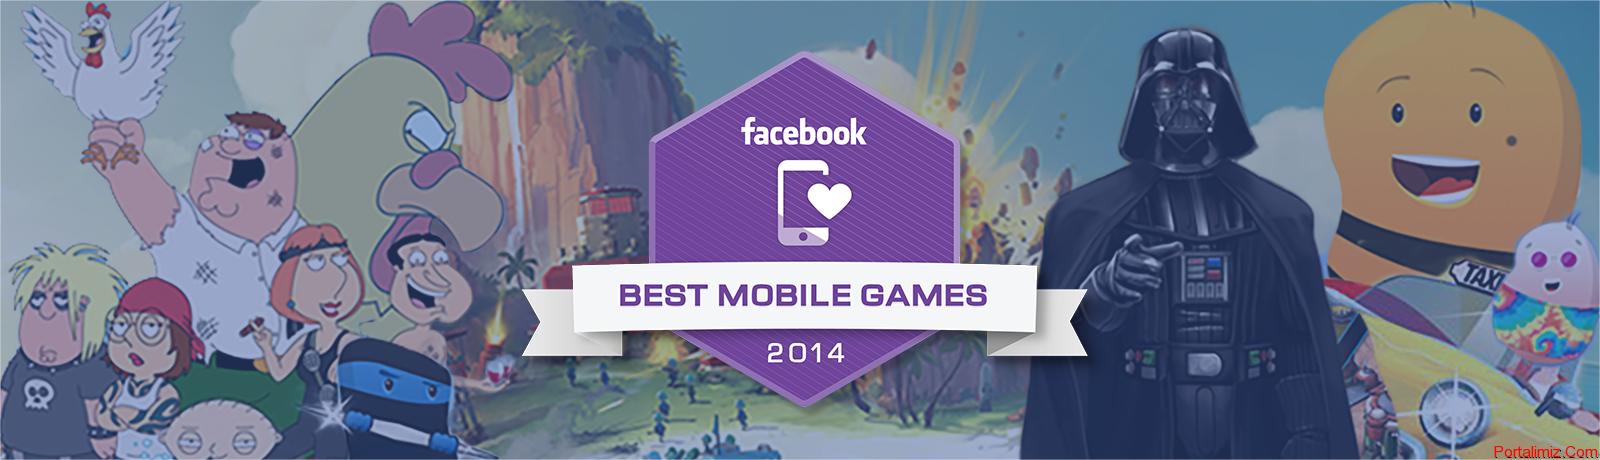 facebook 2014 en iyi mobil oyunları